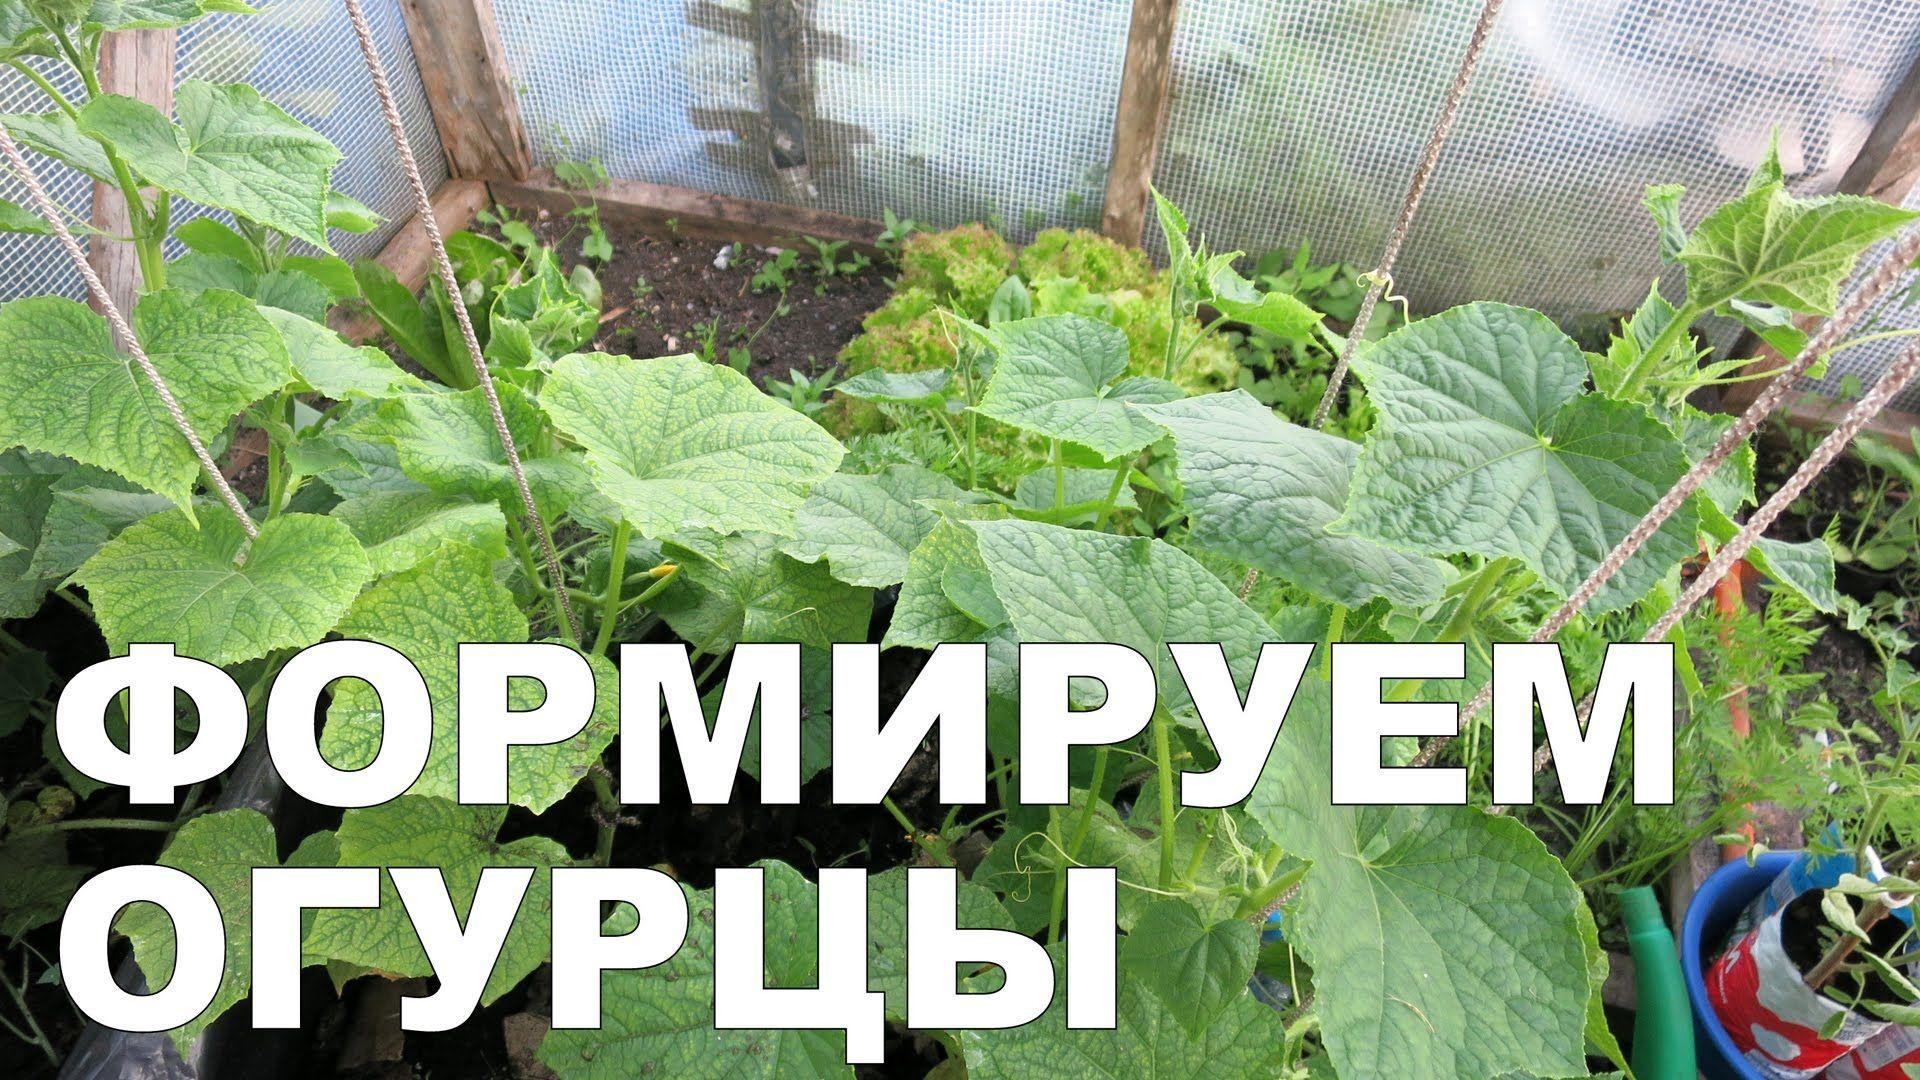 Как формировать огурцы?! / How to shape cucumbers?!